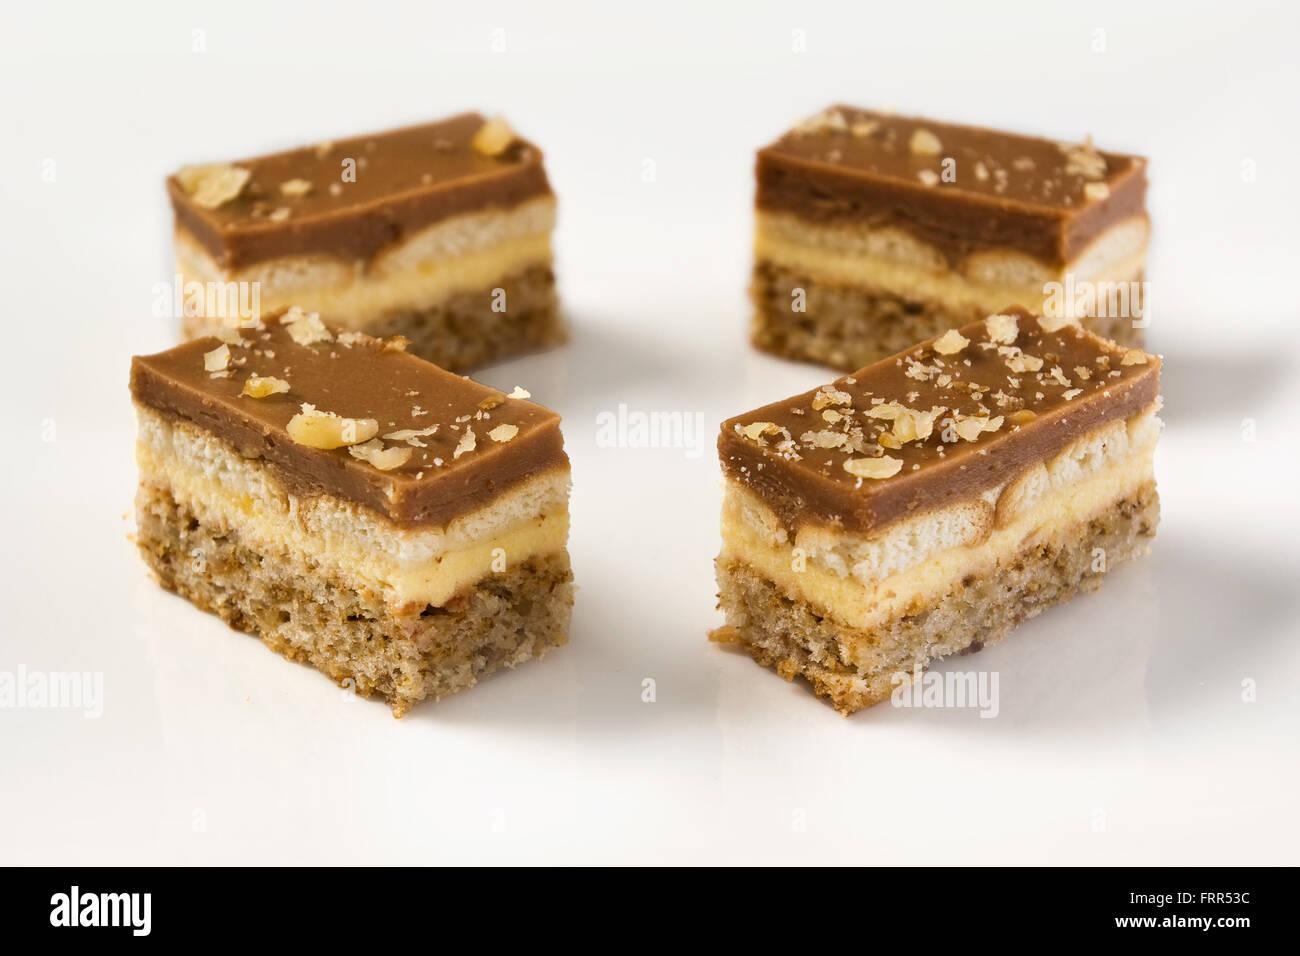 Stucke Von Schokolade Und Vanille Pudding Kuchen Mit Walnussen